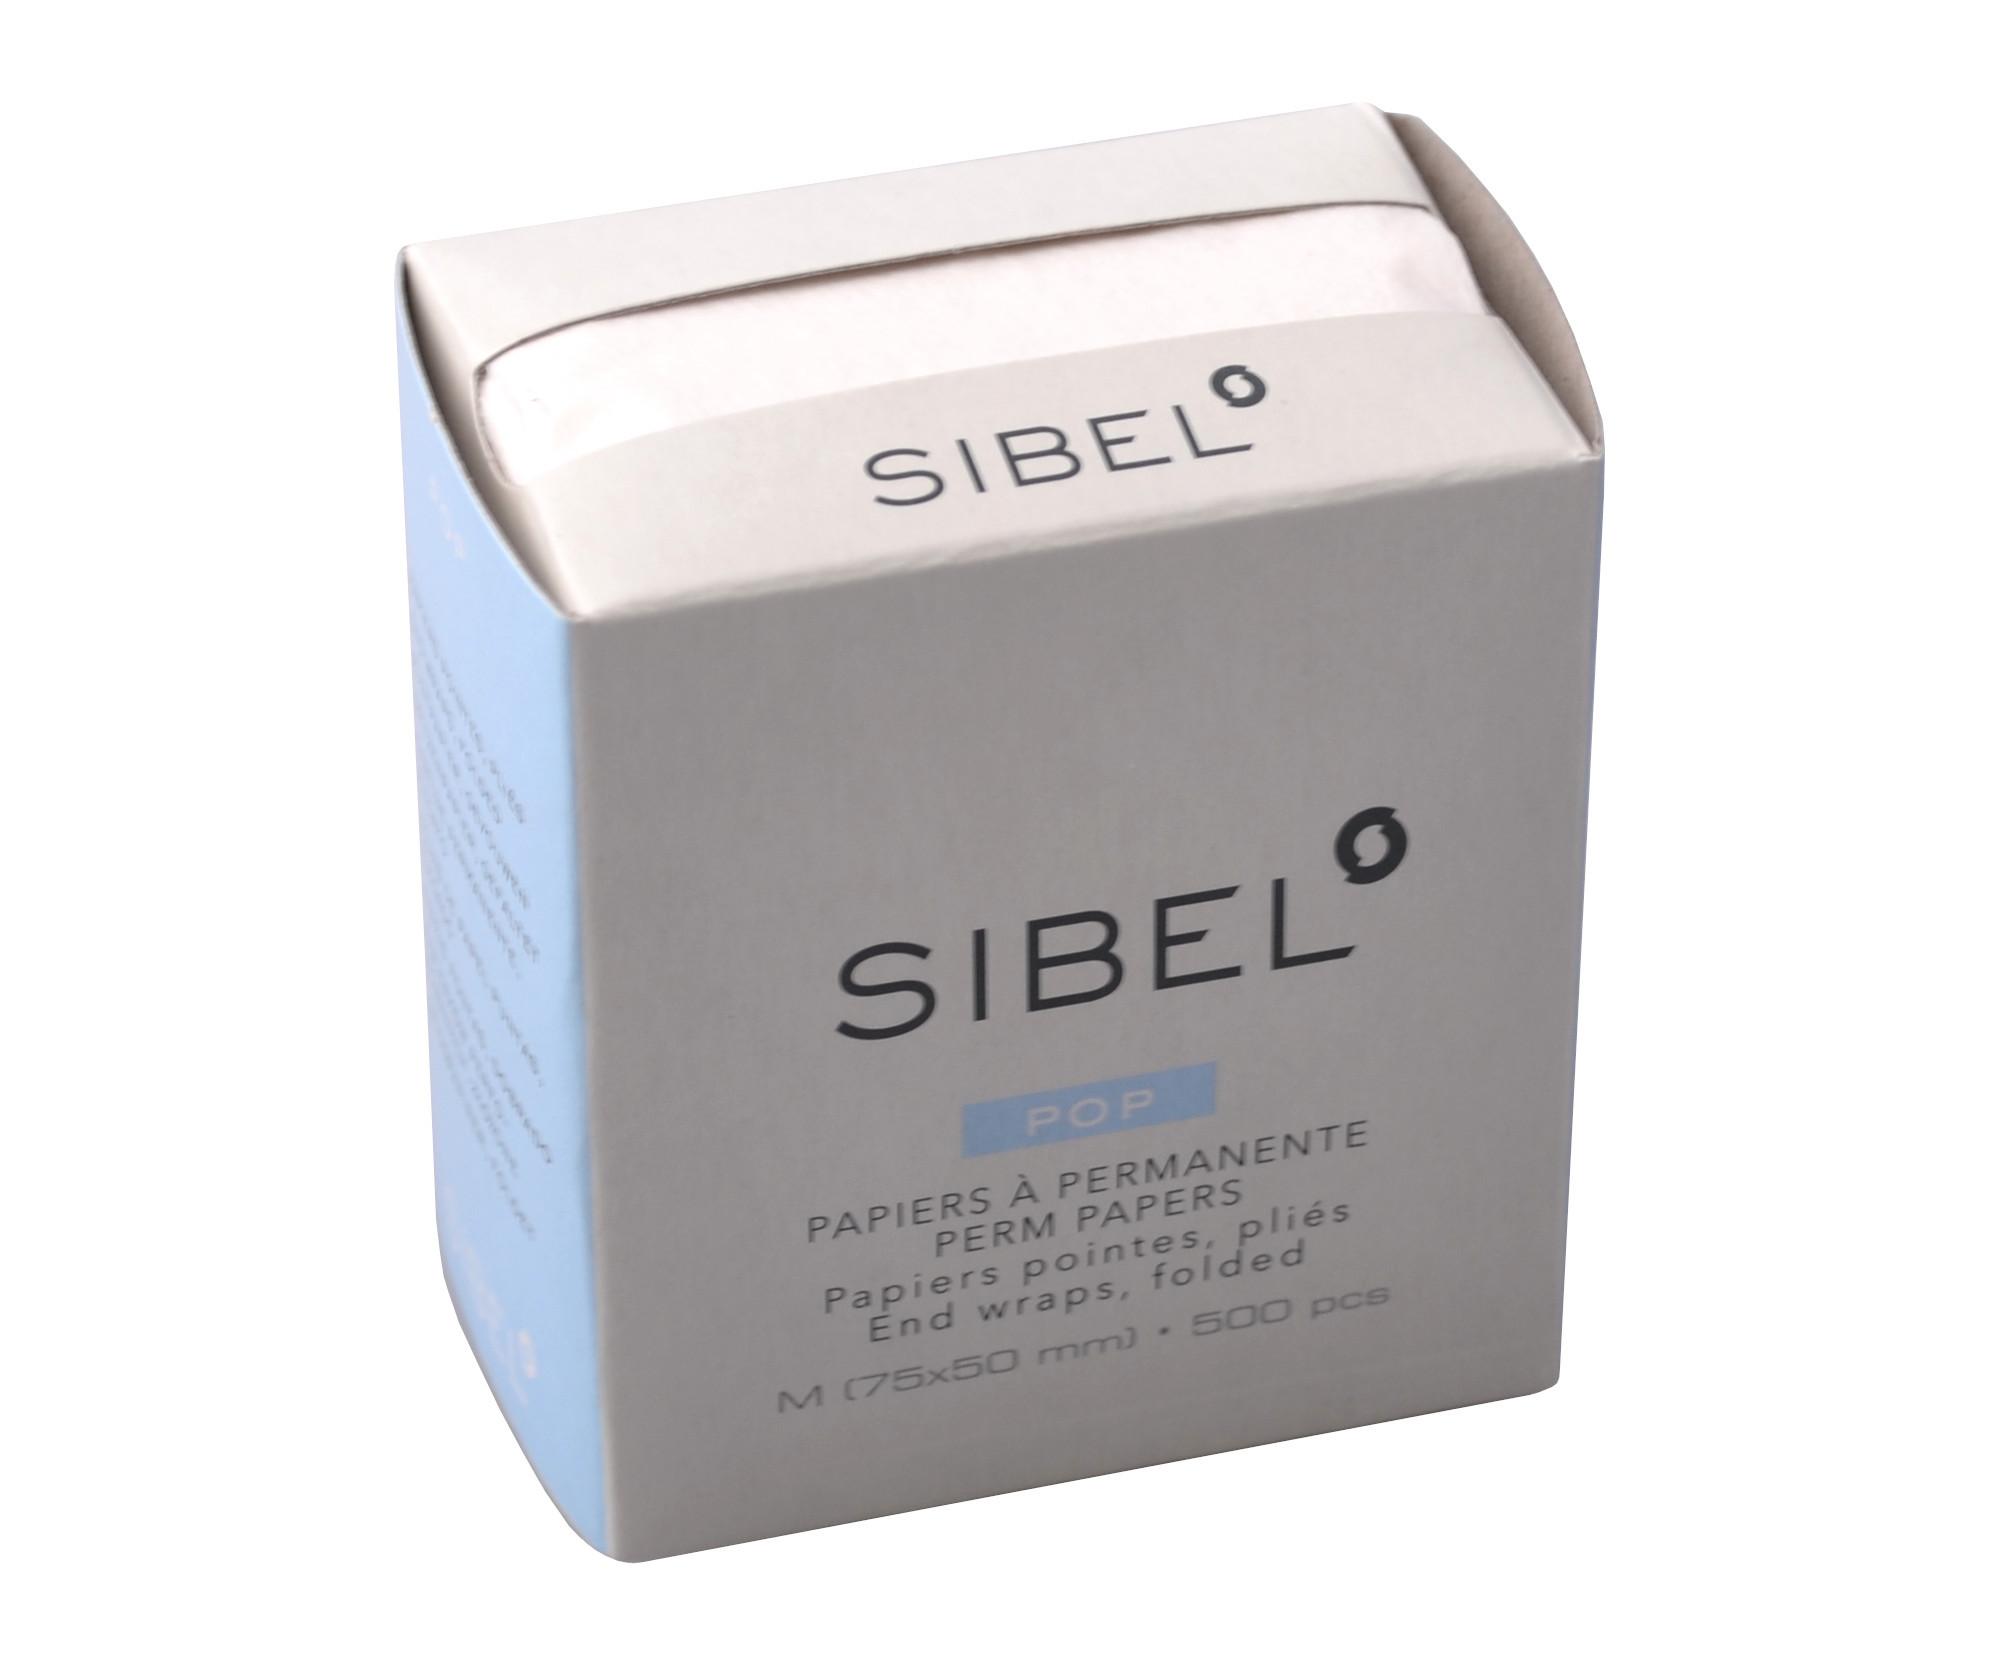 Papírky na trvalou ondulaci Sibel Pop, 75 x 50 mm - 500 ks (4480800)